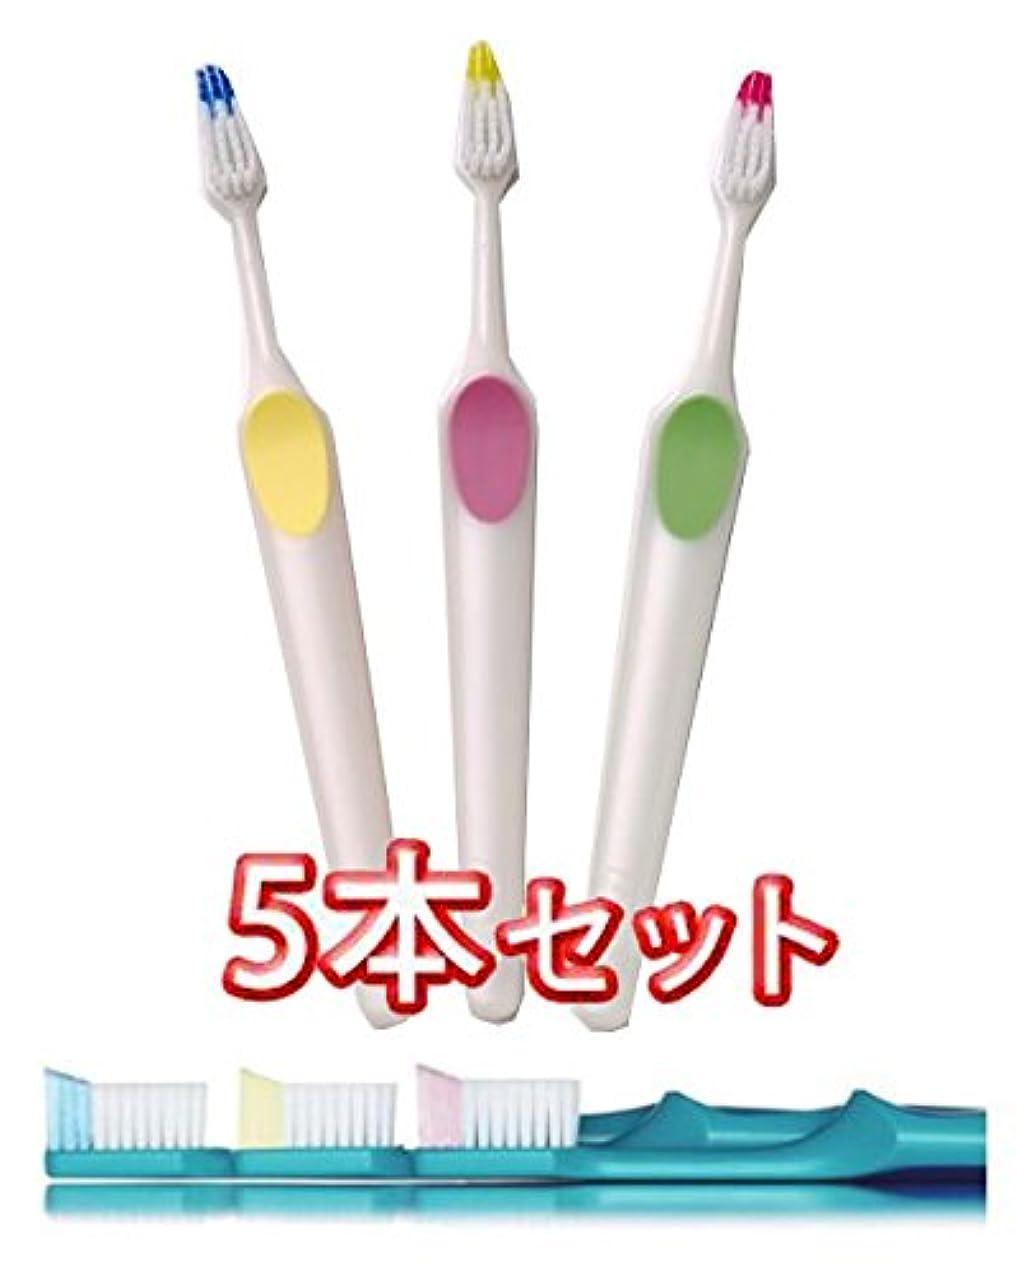 素人見捨てるトンクロスフィールド TePe テペ ノバ(Nova) 歯ブラシ 5本 (ソフト)